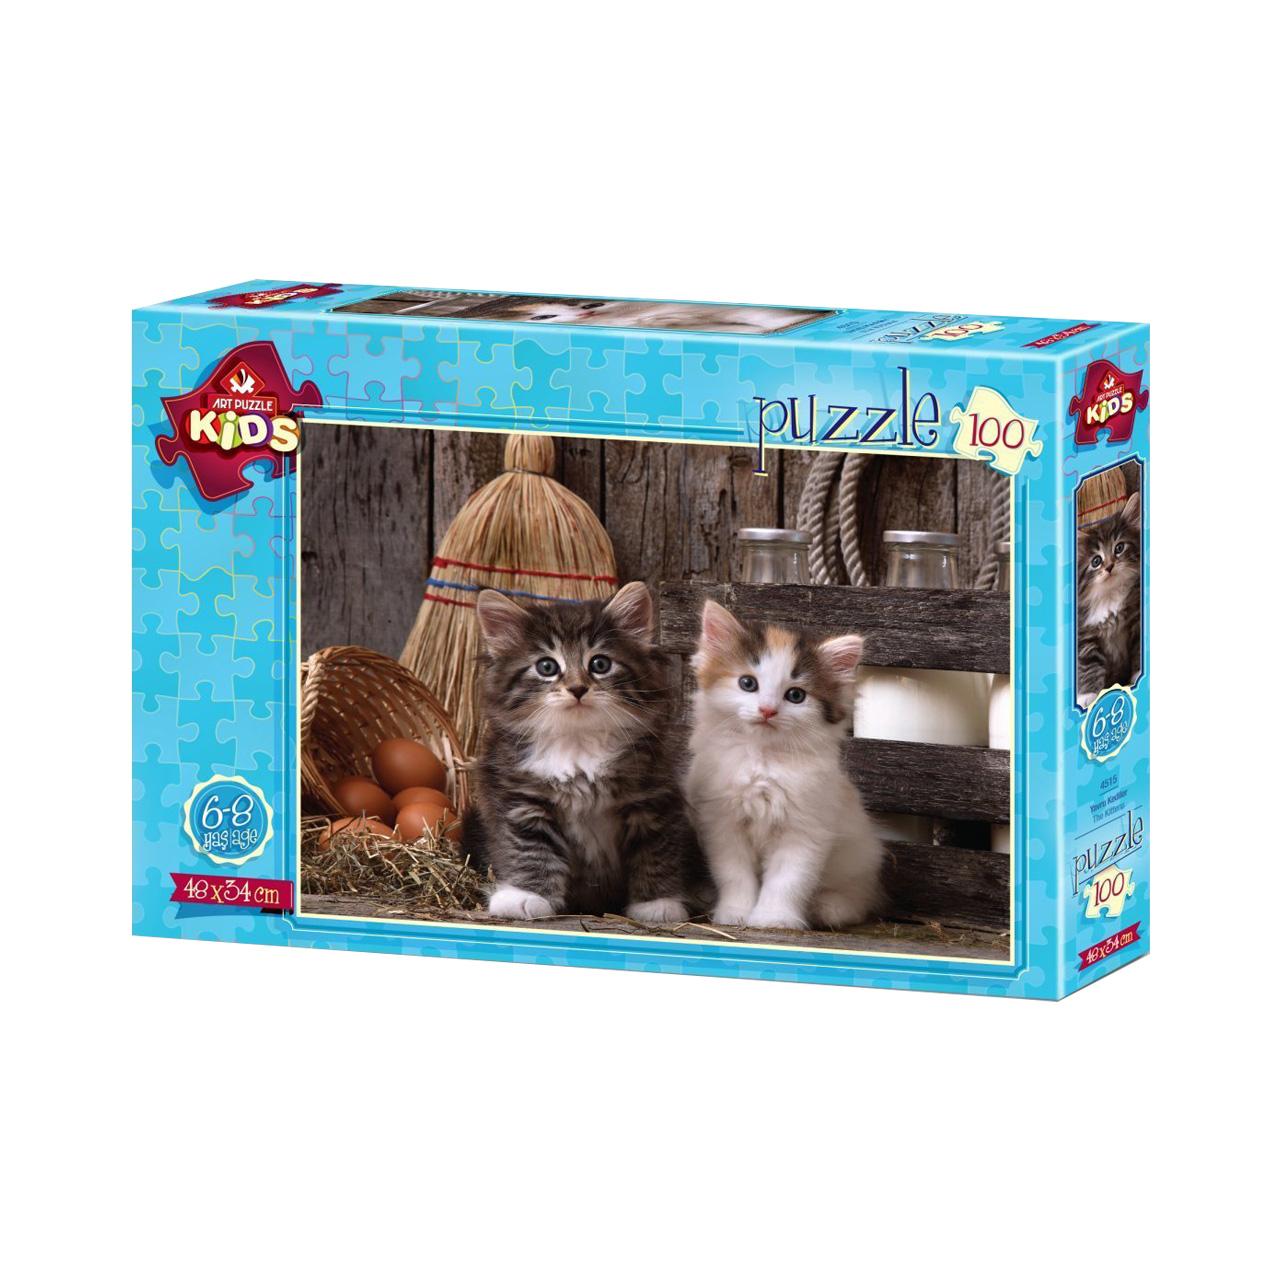 پازل 100 تكه آرت پازل طرح The Kittens كد 4515